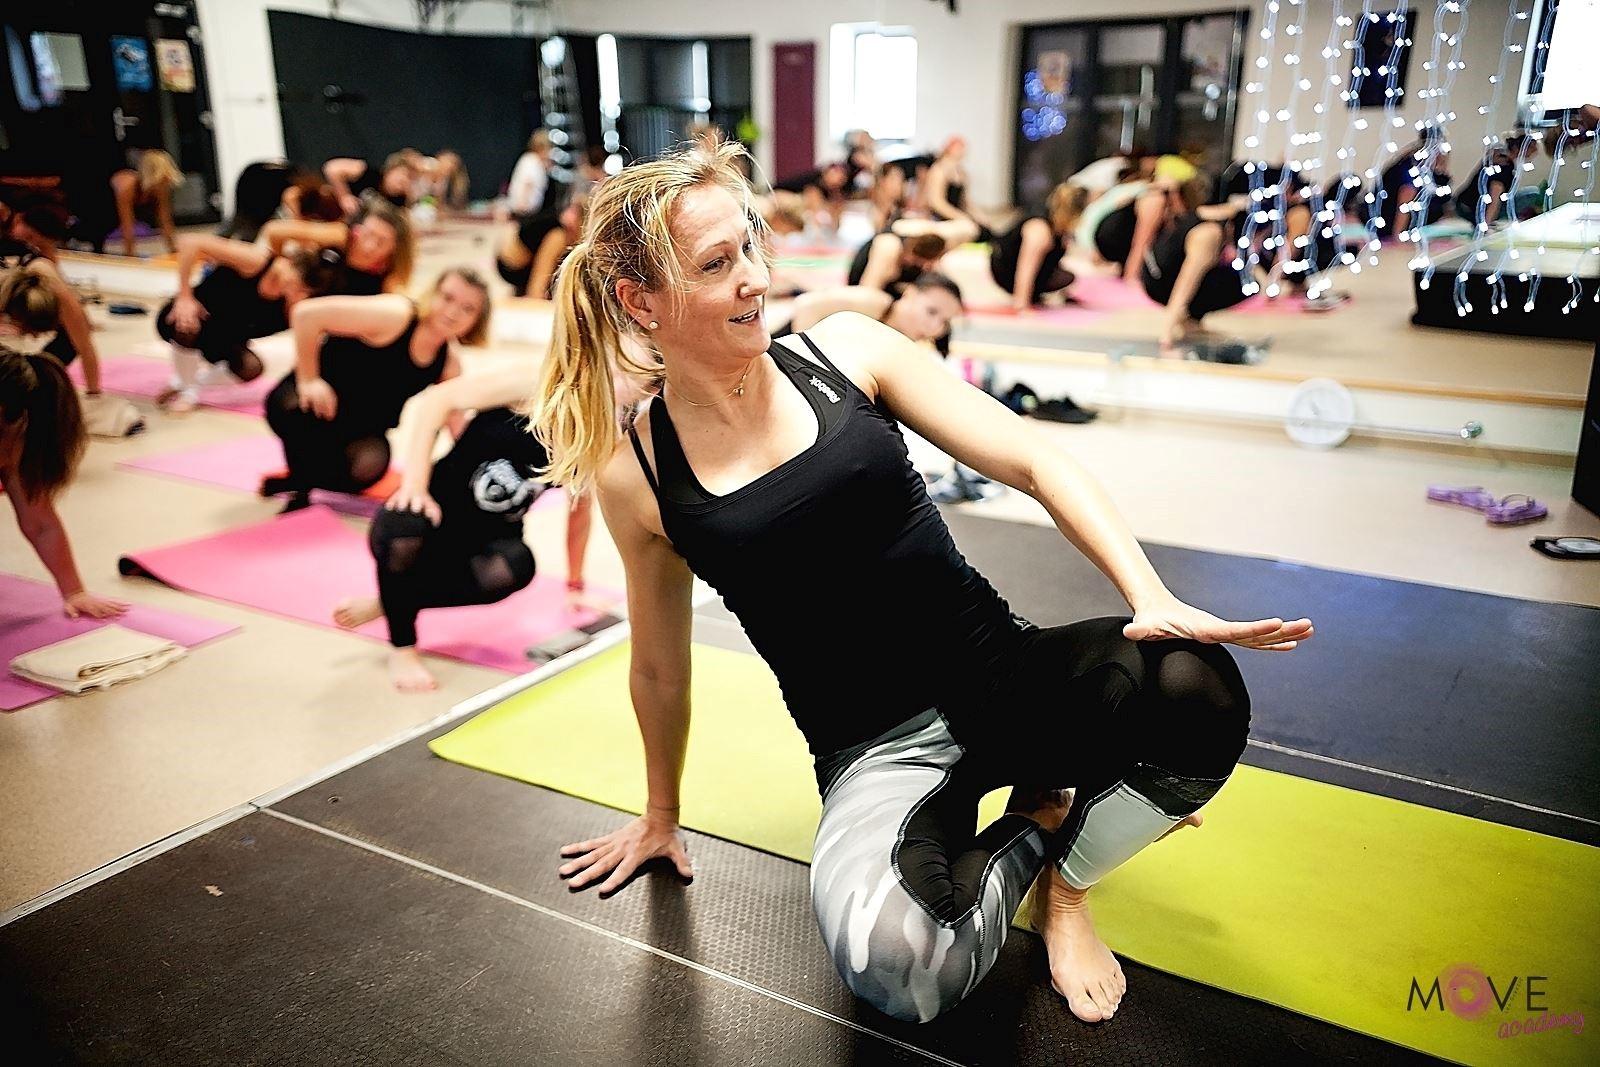 Lea Grančič celý život motivuje ľudí k pohybu a sprevádza ich pri tom, aby so svojím telom bojovali. / Zdroj:  FB Move Academy